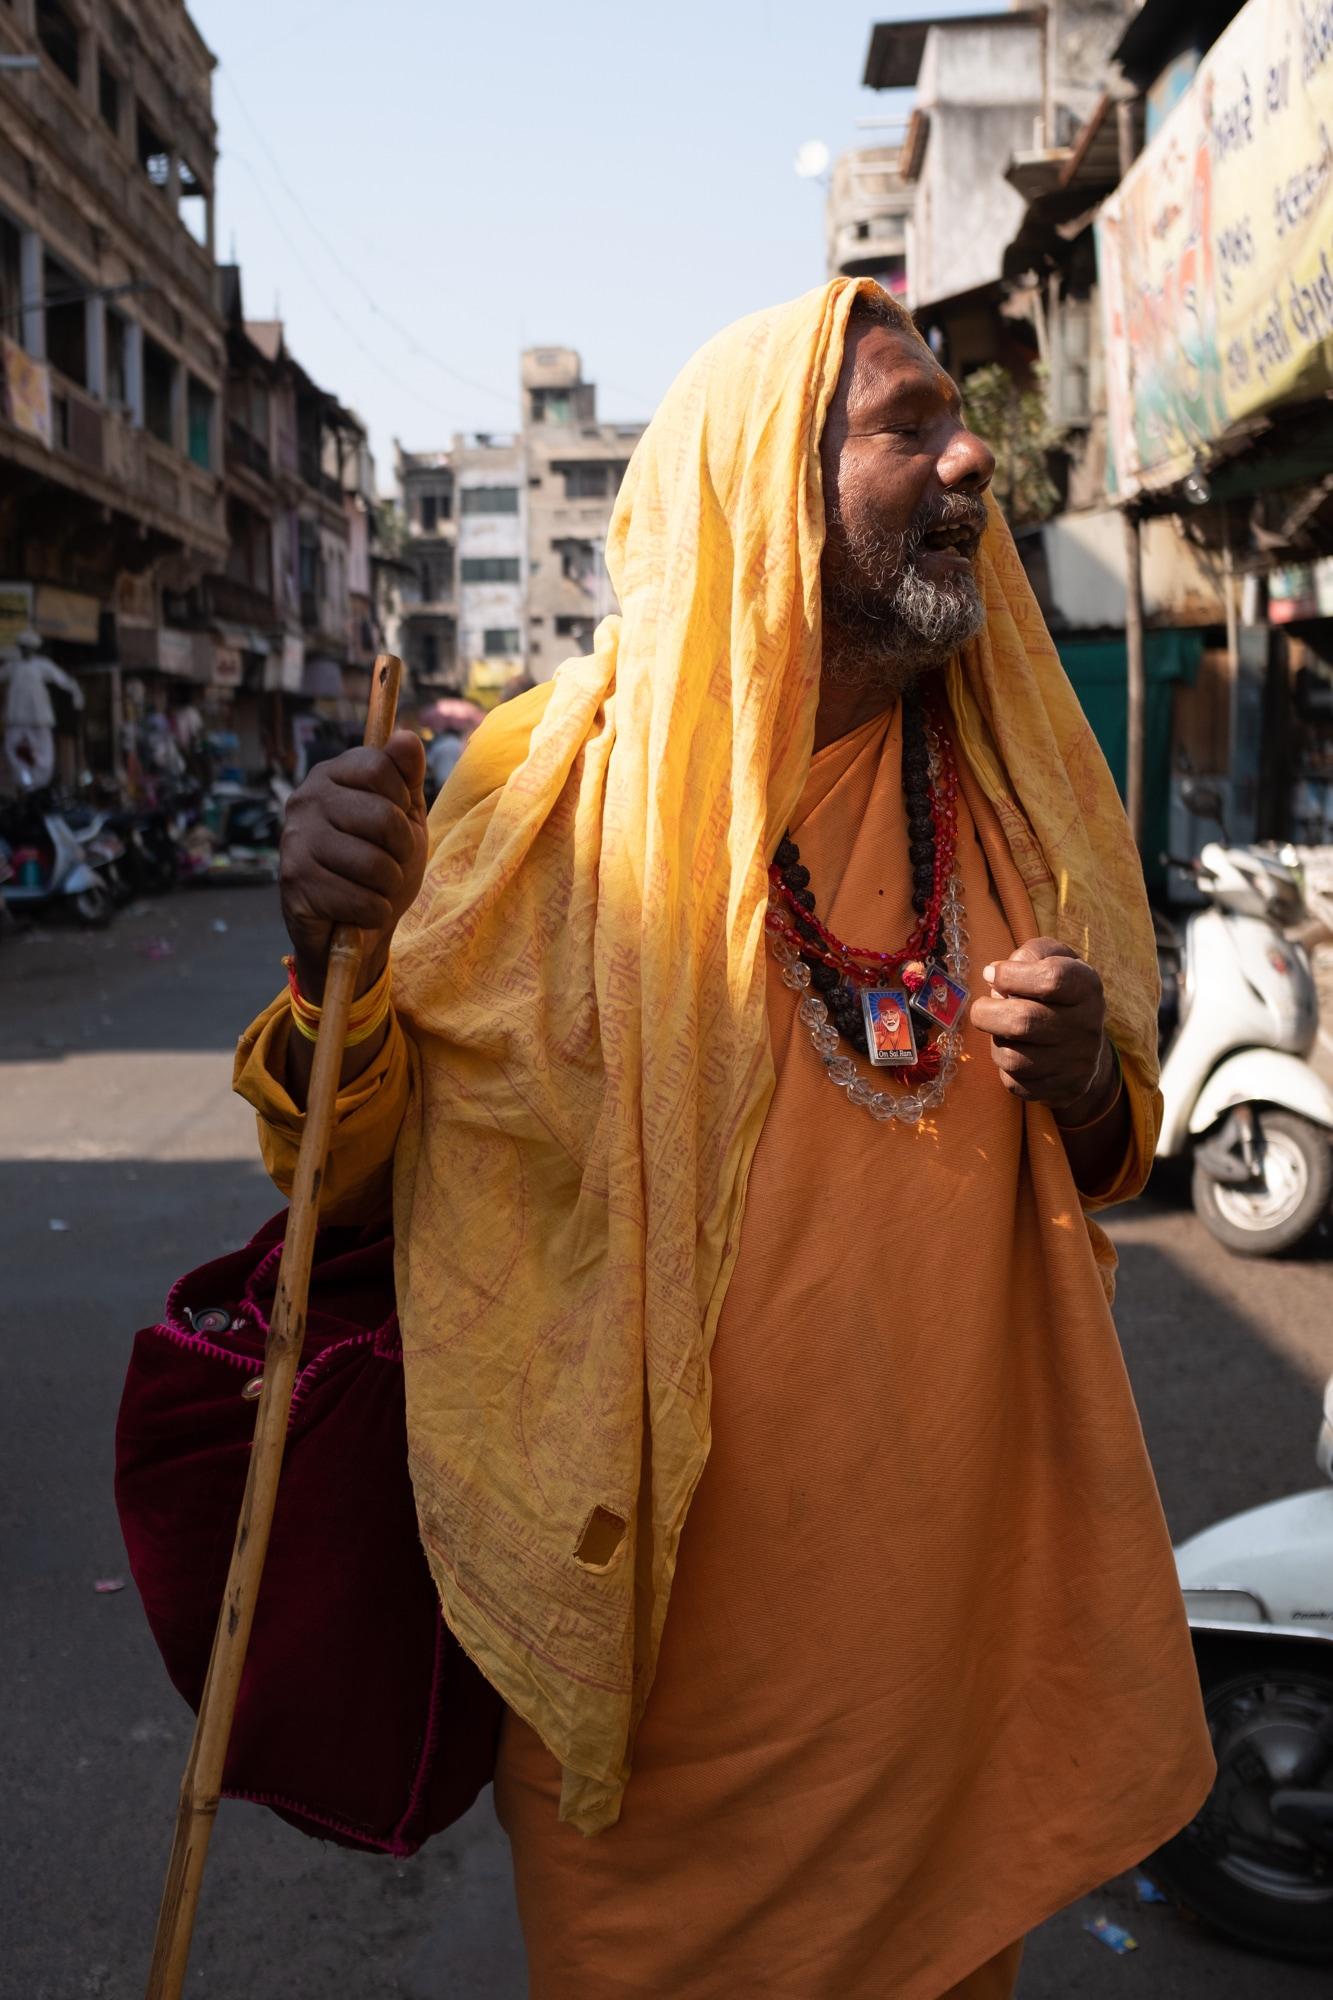 A sadhu seeking alms in street of Ahmedabad